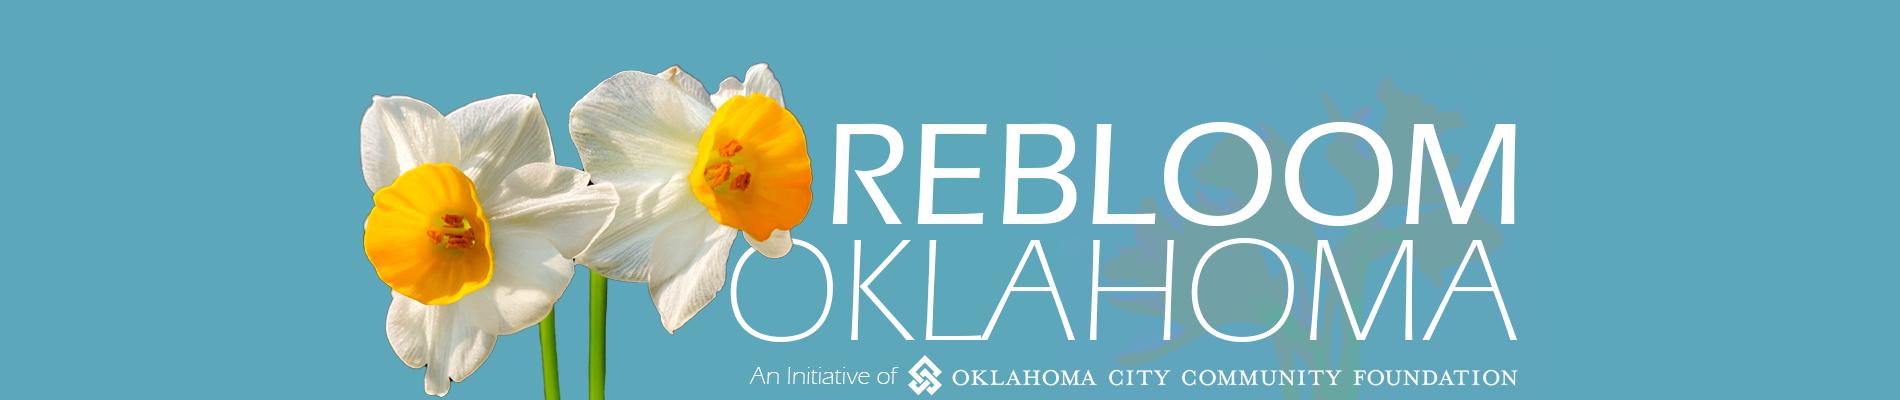 Rebloom Oklahoma